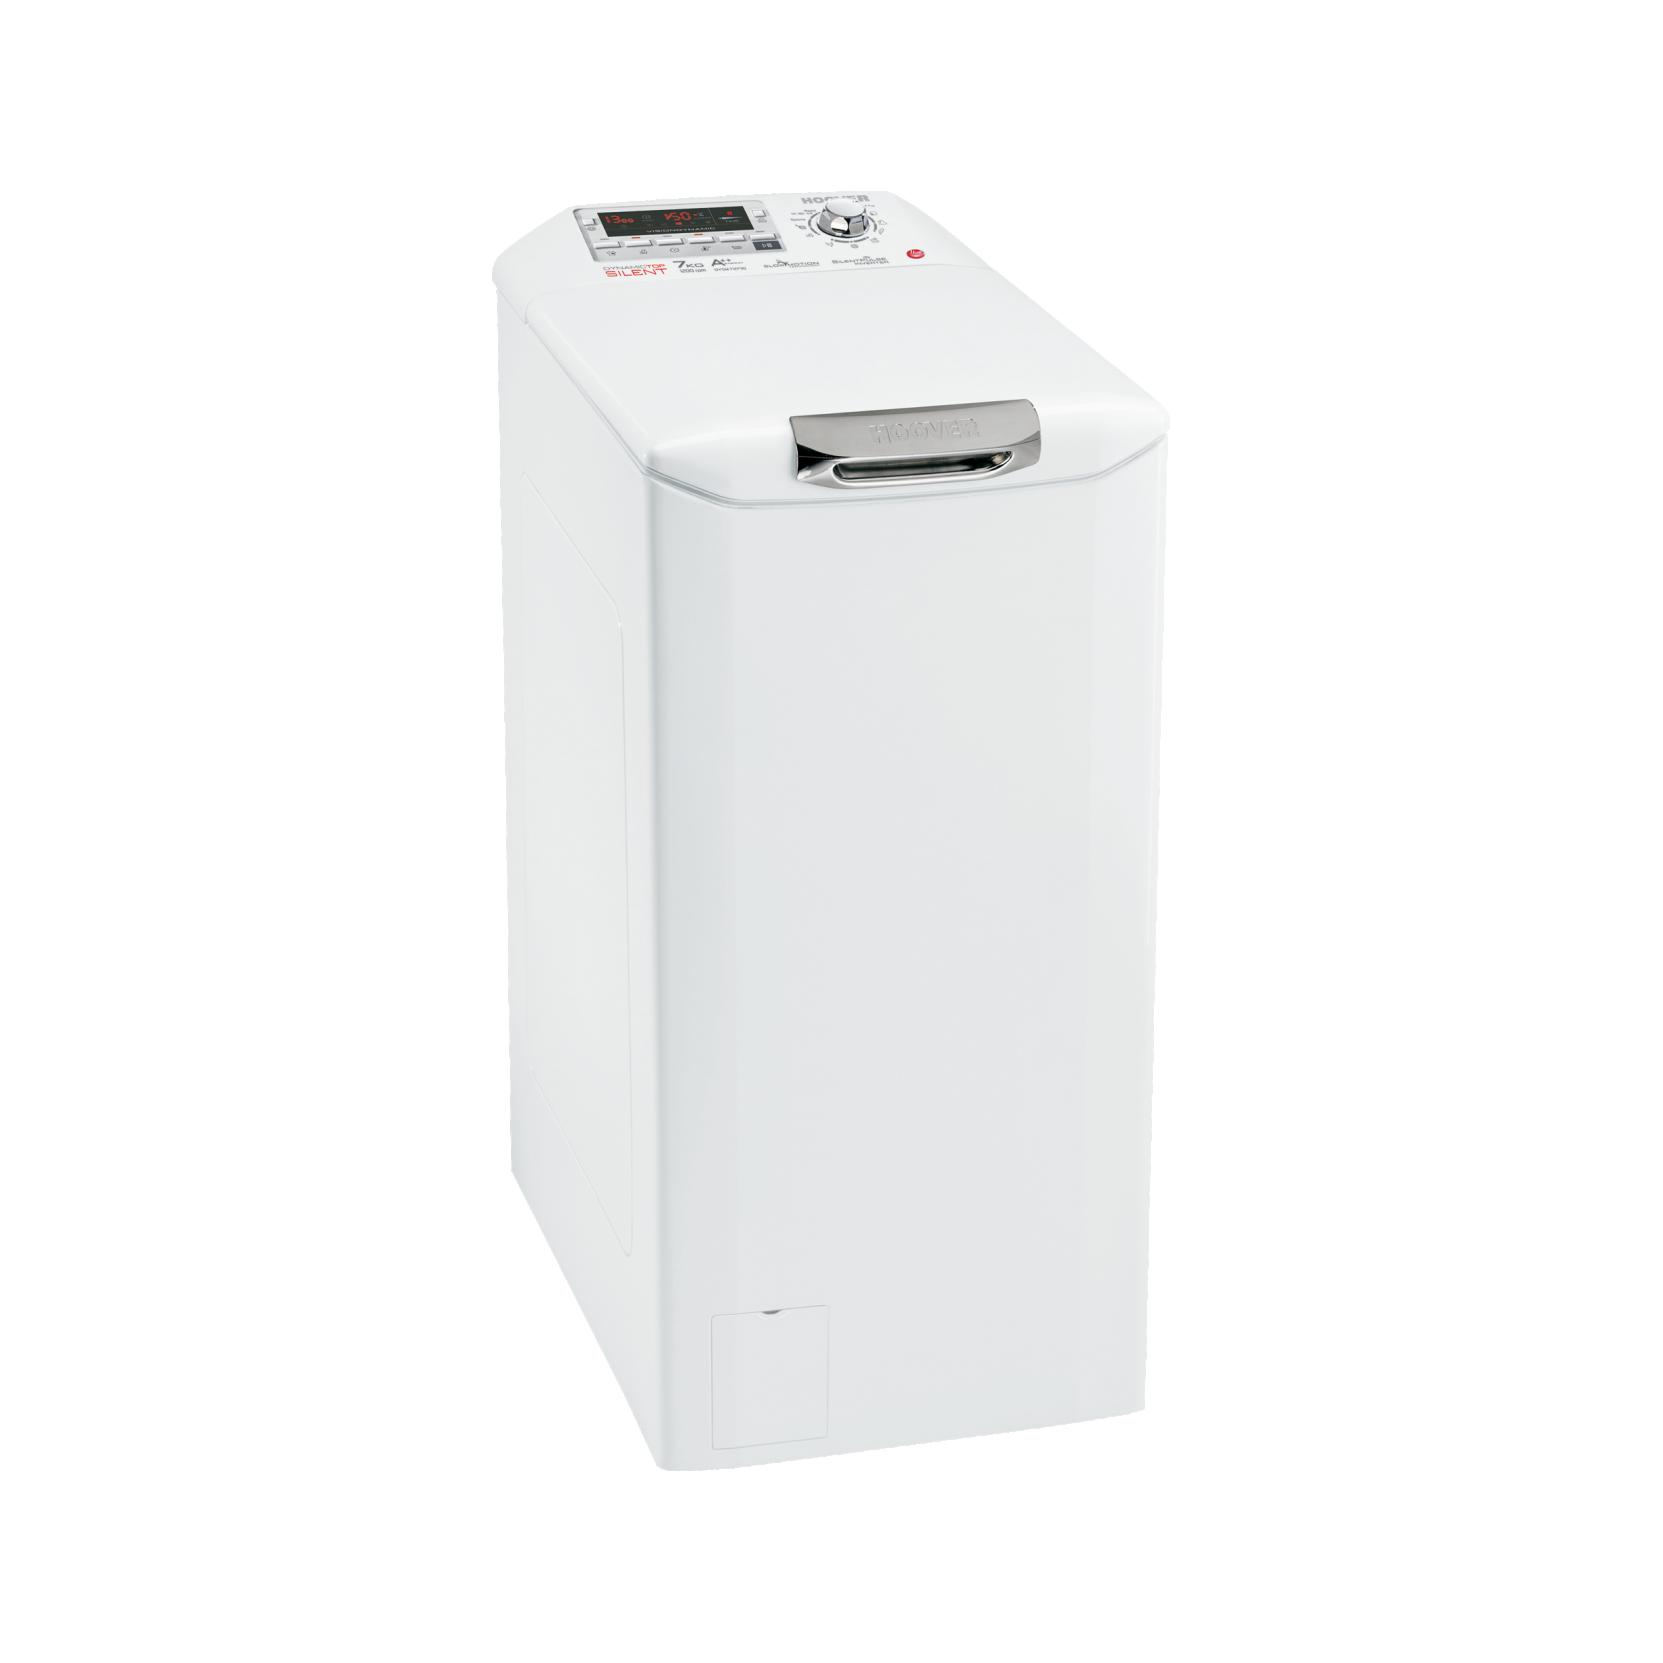 Lavatrice carica alto hoover dysm7123d3 classe a 7kg for Lavatrice con carica dall alto